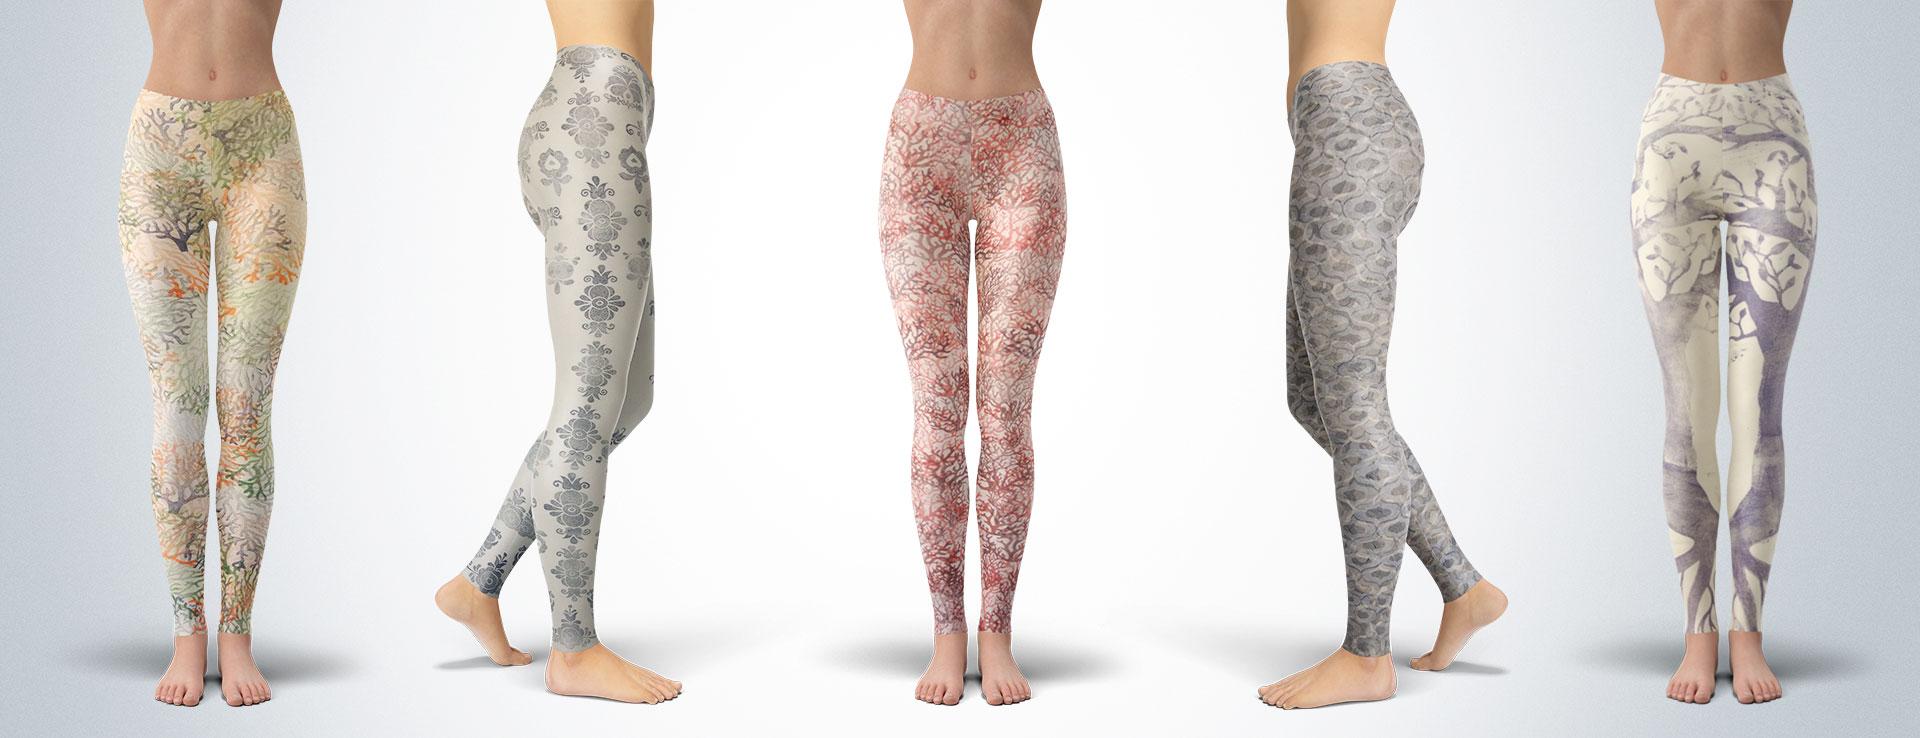 Ženské nohy v barevných vzorovaných ručně šitých a barvených legínách značky Bavleg.